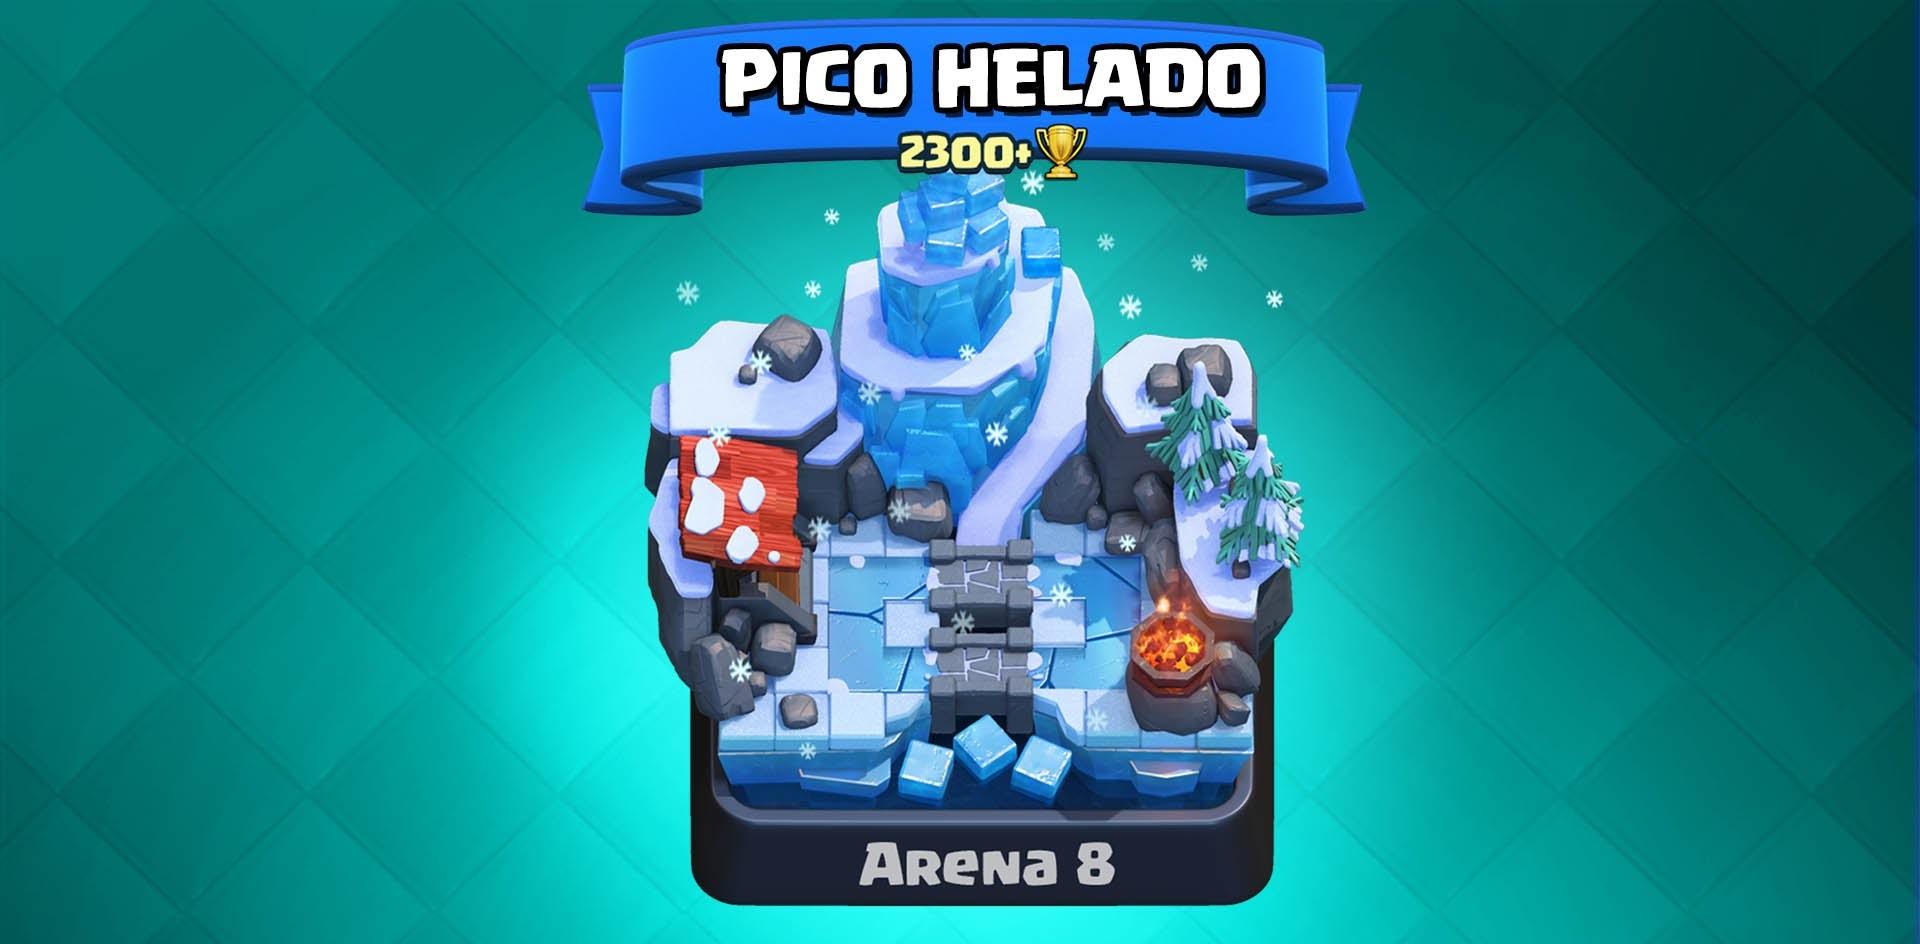 Pico Helado Clash Royale Arena 8